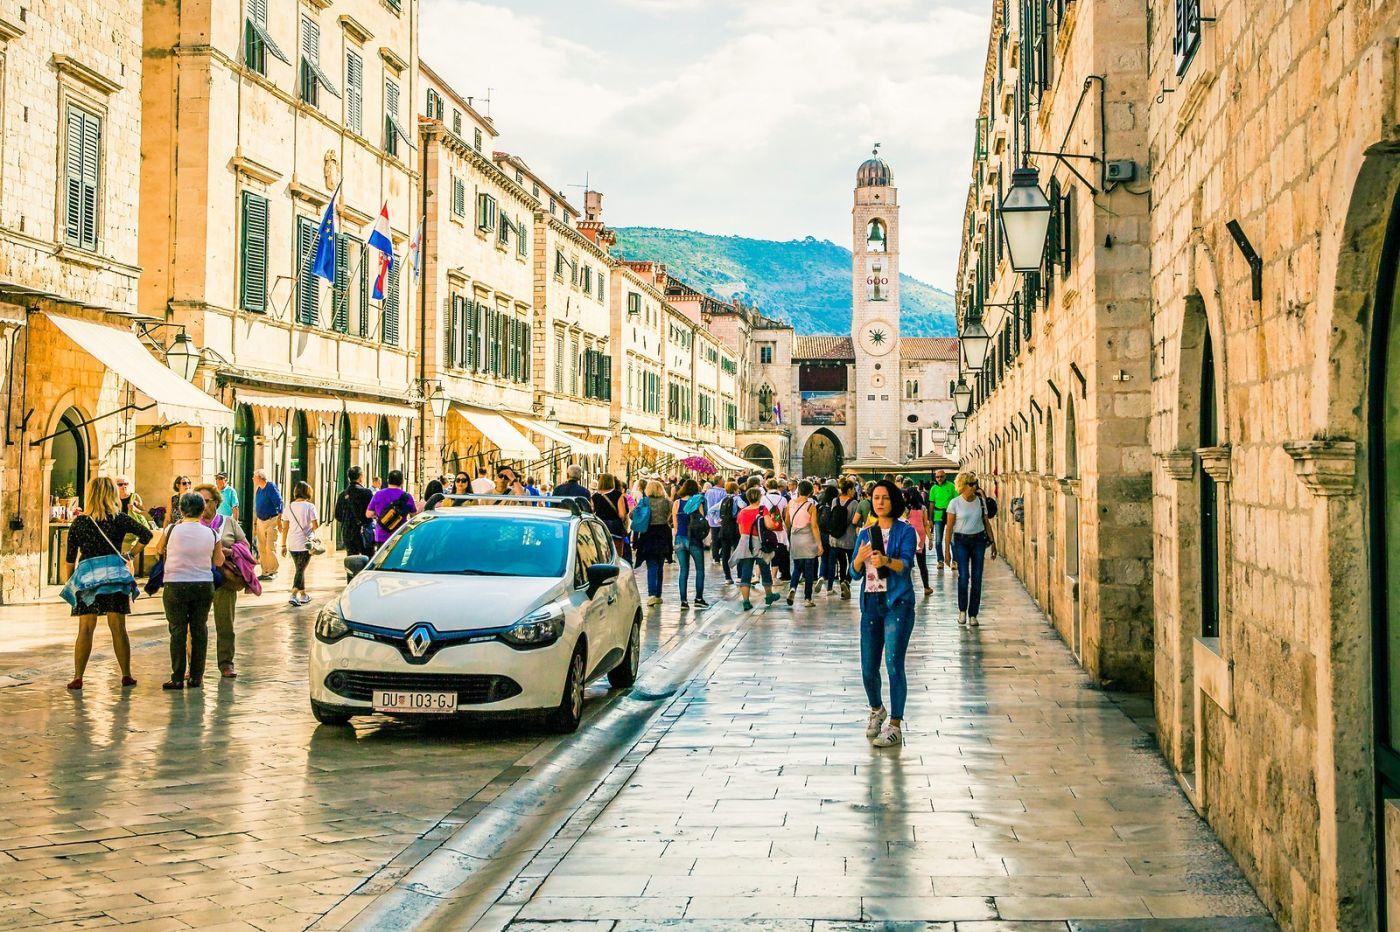 克罗地亚杜布罗夫尼克(Dubrovnik),古城小巷_图1-7